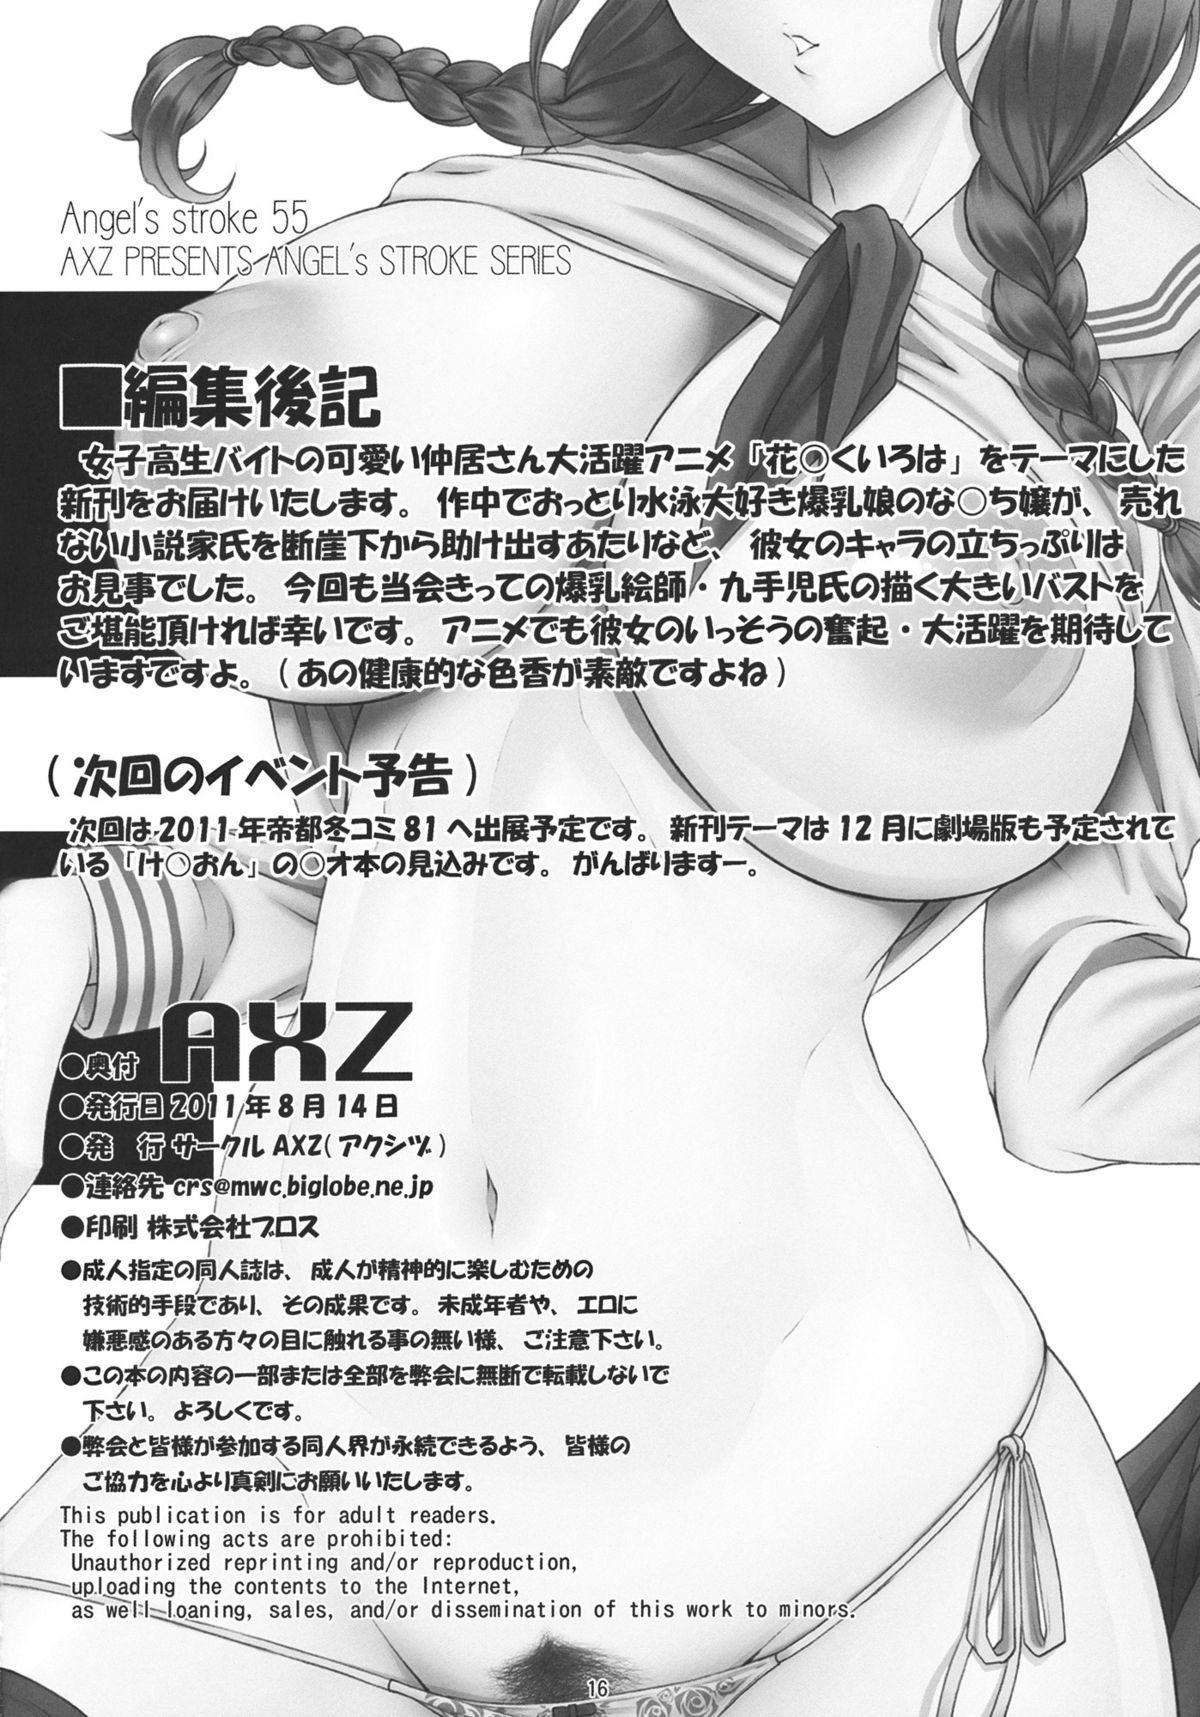 Hanachiru Iroha Angel's stroke 55 16